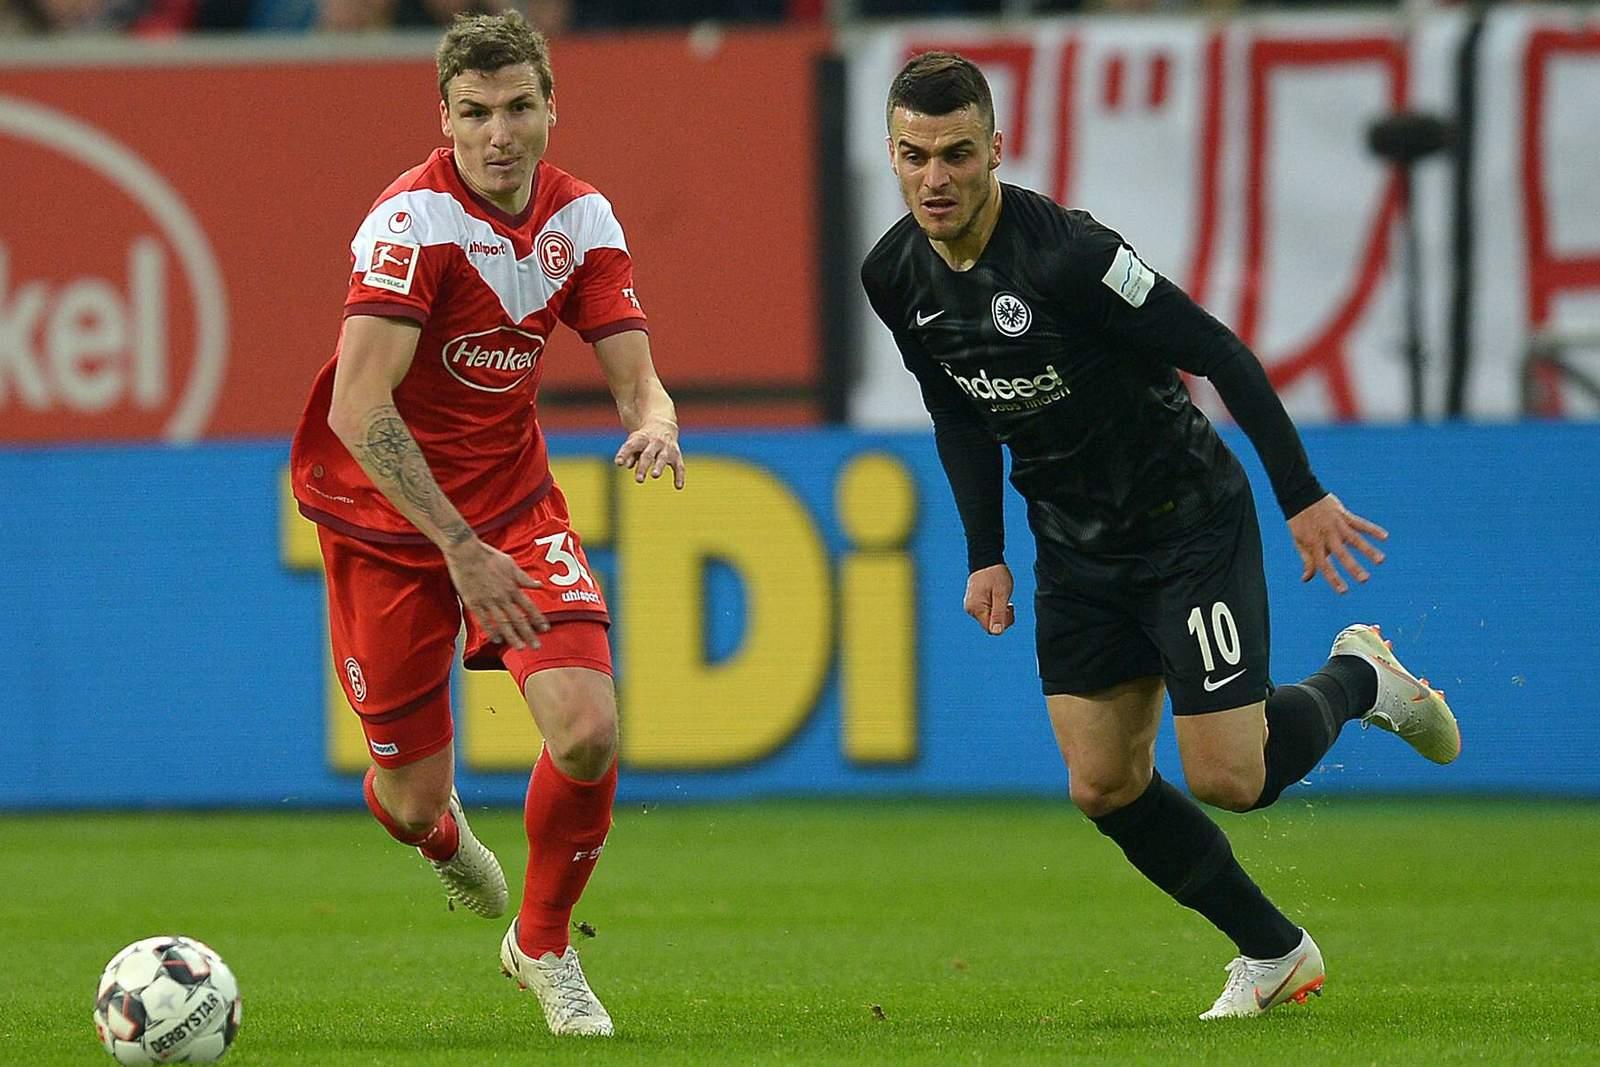 Marcel Sobottka von Fortuna Düsseldorf gegen Filip Kostic von Eintracht Frankfurt